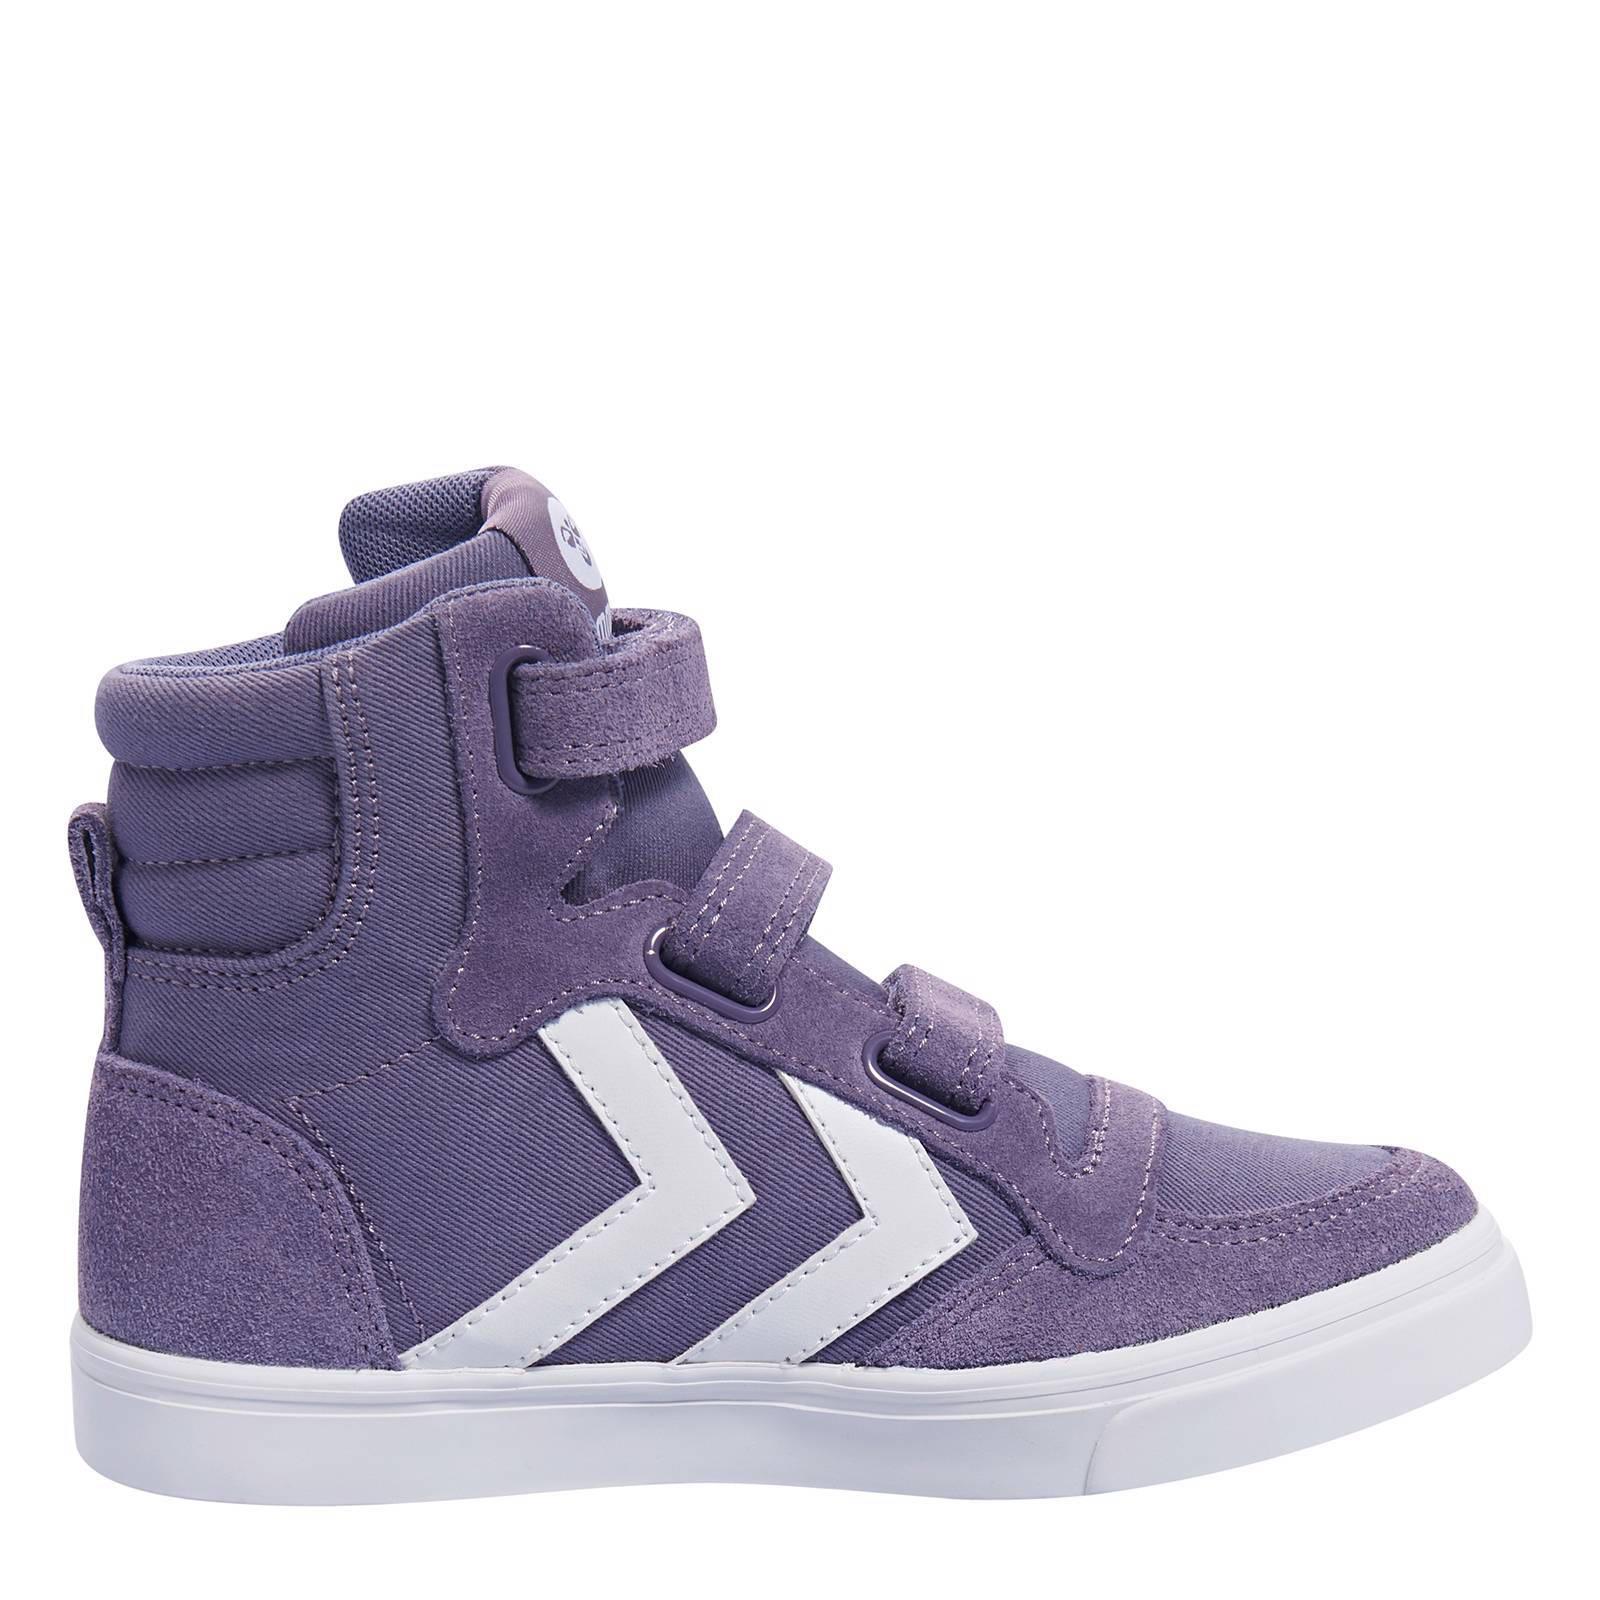 Hummel Mono Canvas sneakersc6fba7a0df6f1165ca70485a7ebf1fc484046ce80ec9747bcc8f141d18cc3266Wehkamp hoge Stadil CtBorsQxhd